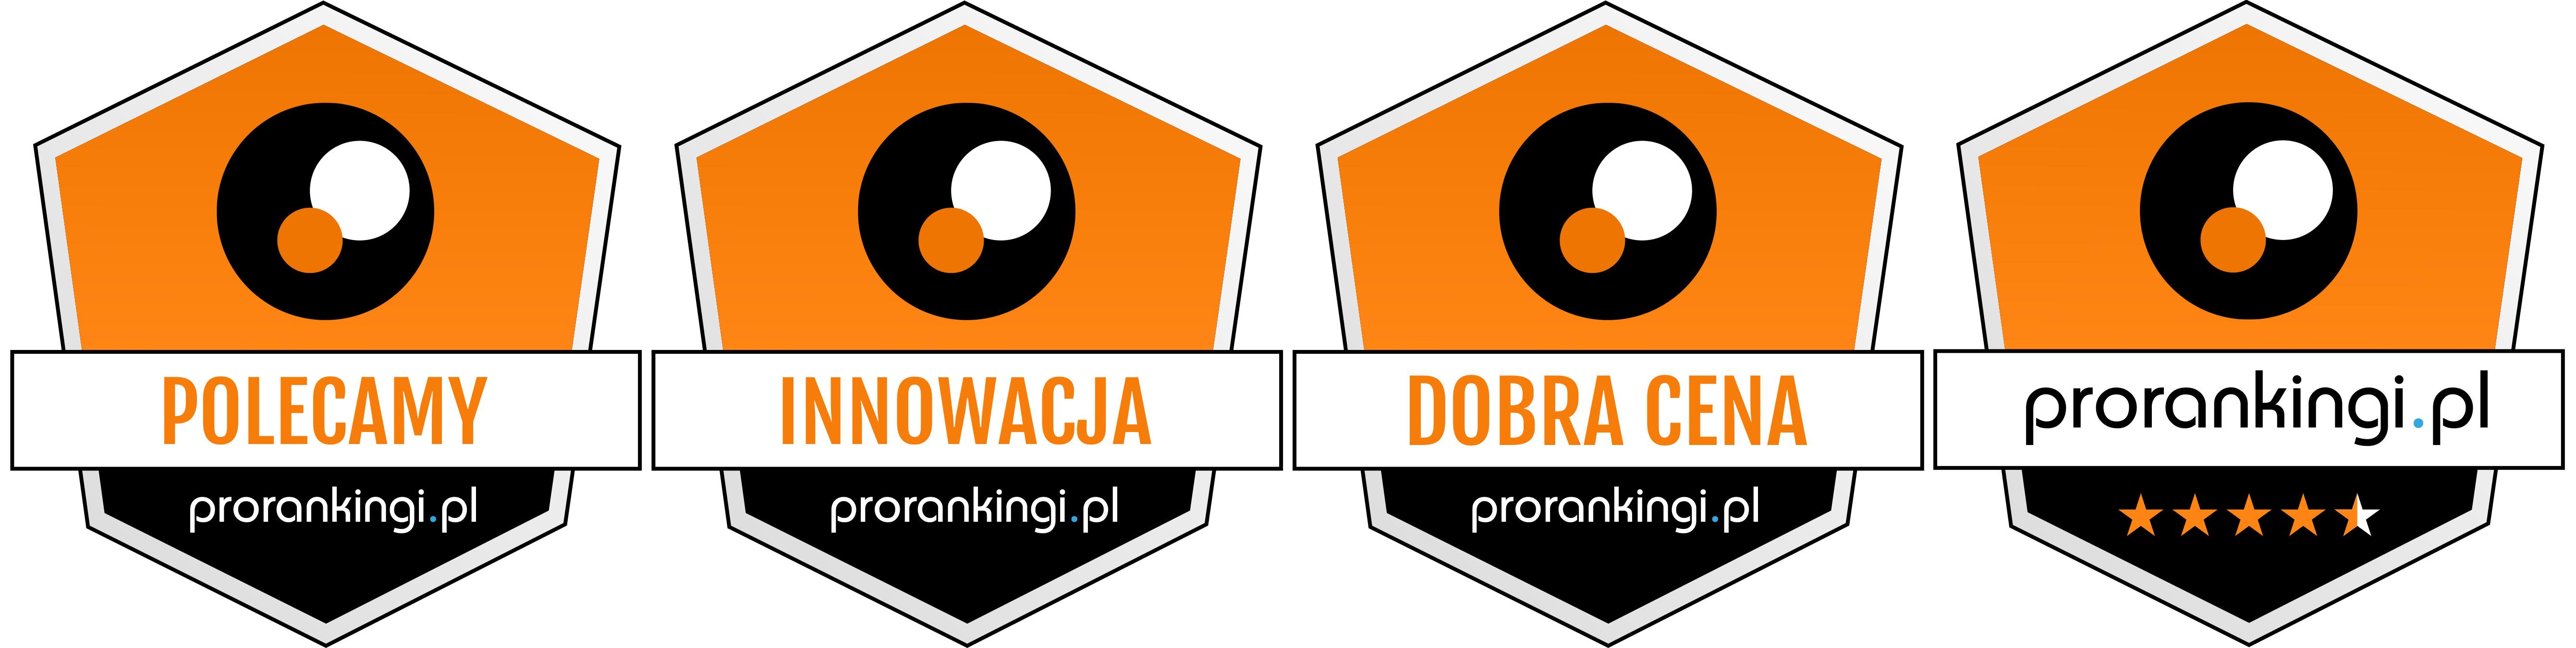 Moneual MBOT 950 otrzymał 4 odznaki w teście prorankingi.pl: polecany; innowacyjny; dobra cena, 4,5 gwiazdki na 5